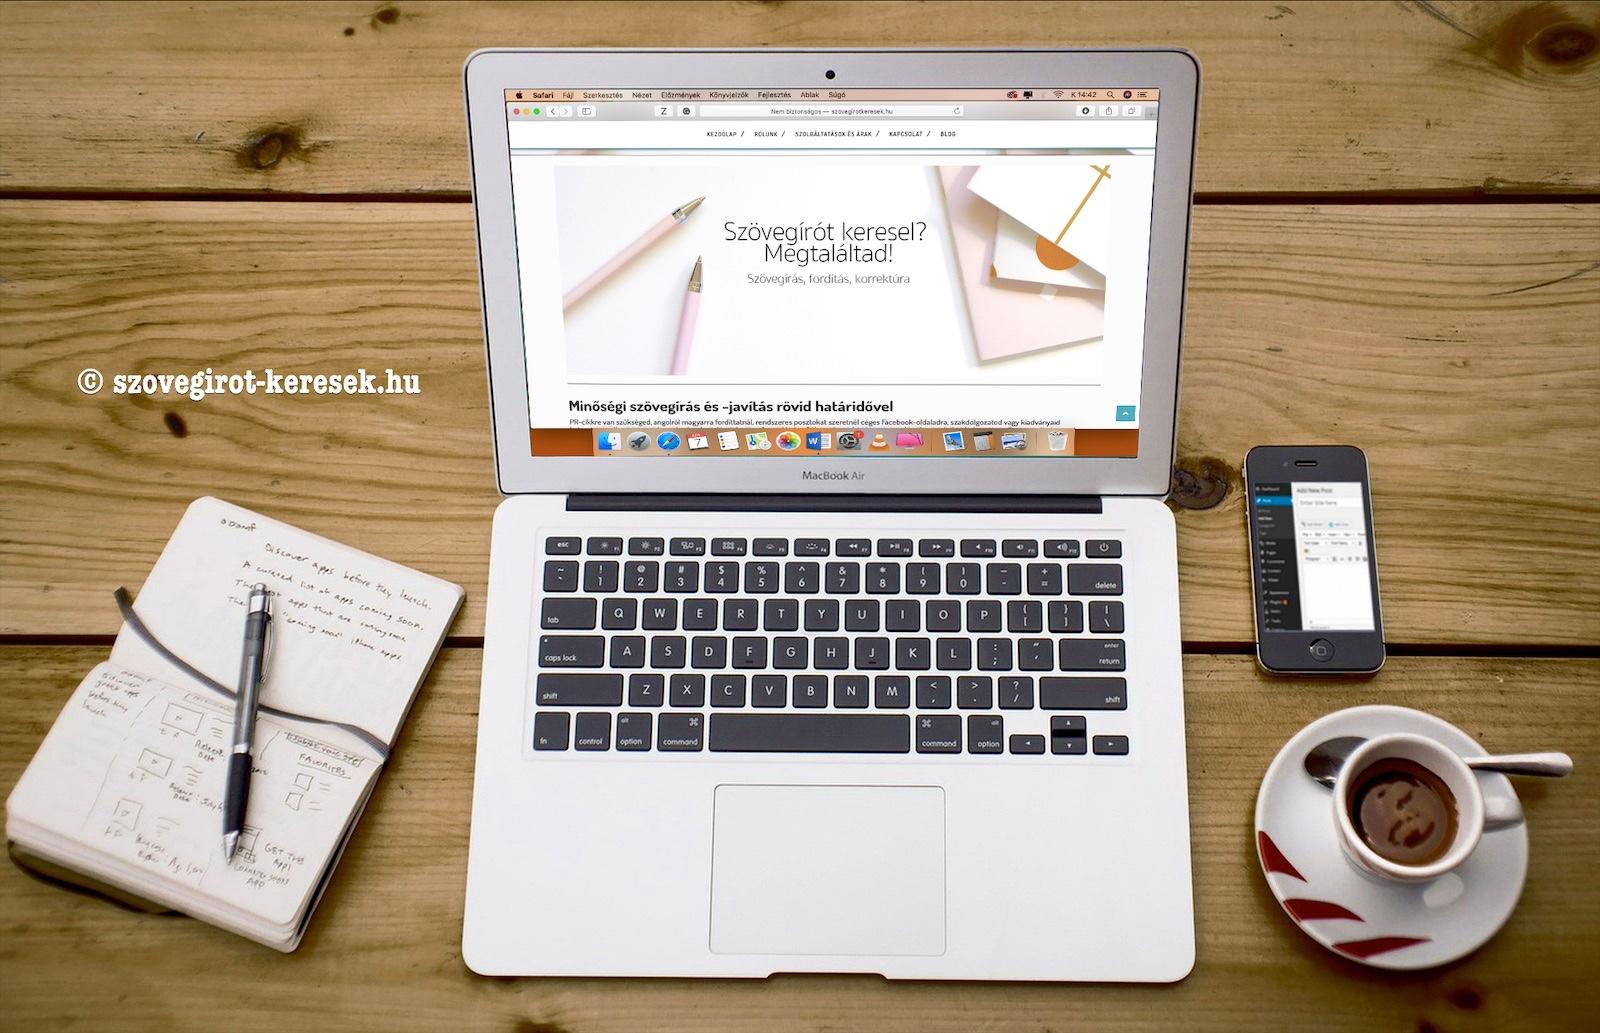 Szövegírótkeresek.hu honlap születése